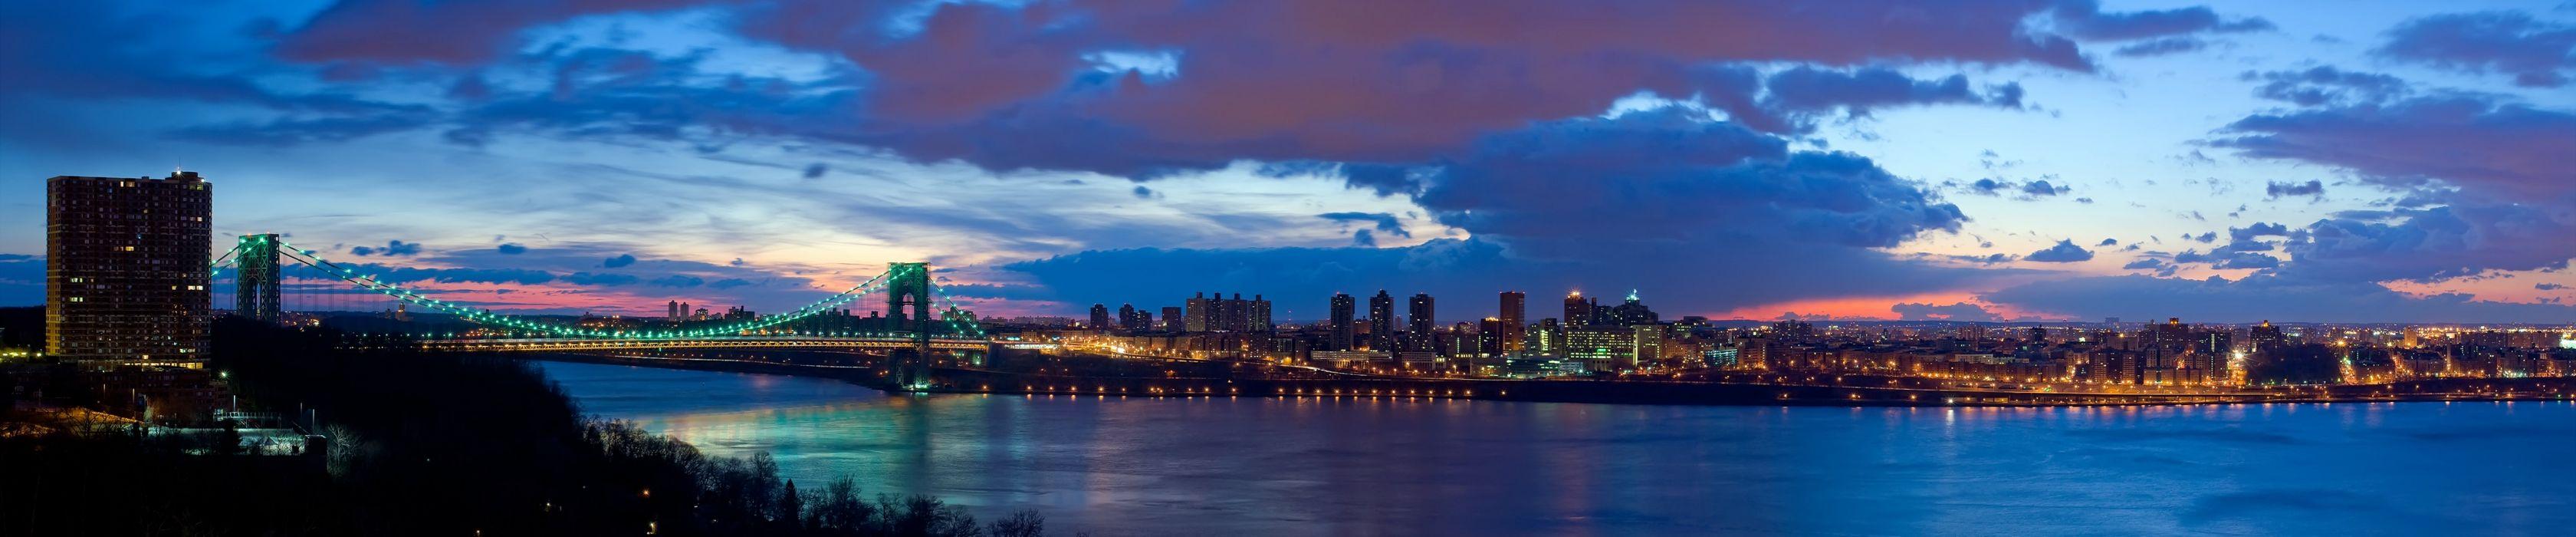 New York Hudson River bay      g wallpaper